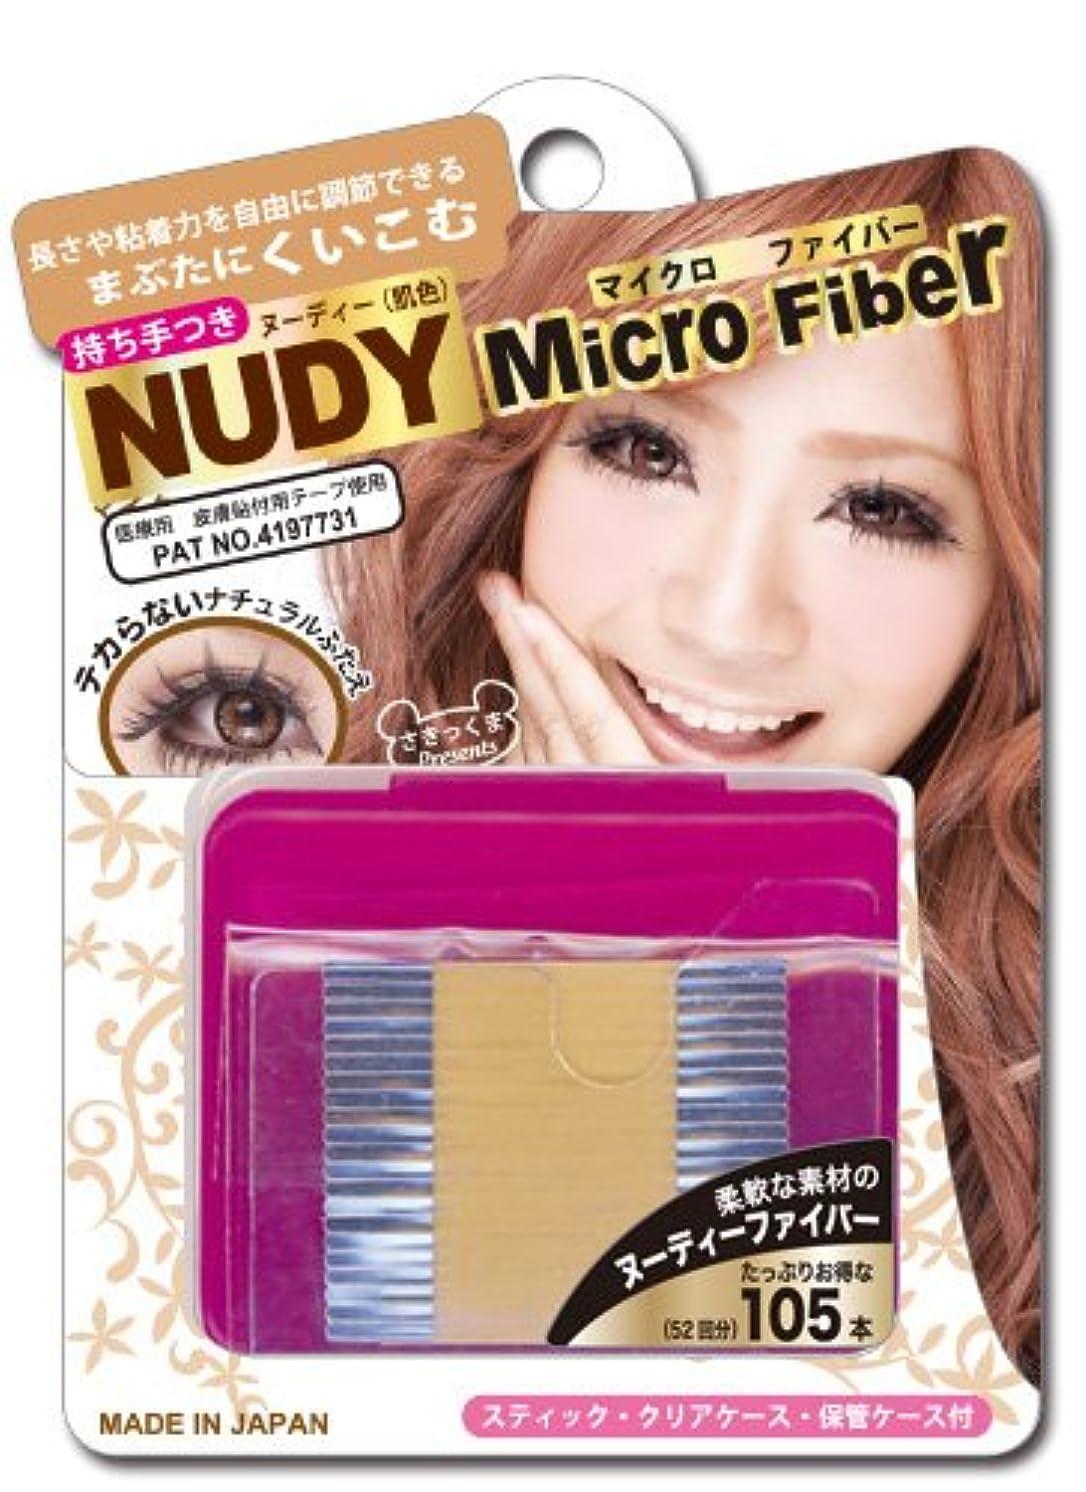 調和のとれたに対応ファイバBN マイクロファイバー ヌーディー MCF-2